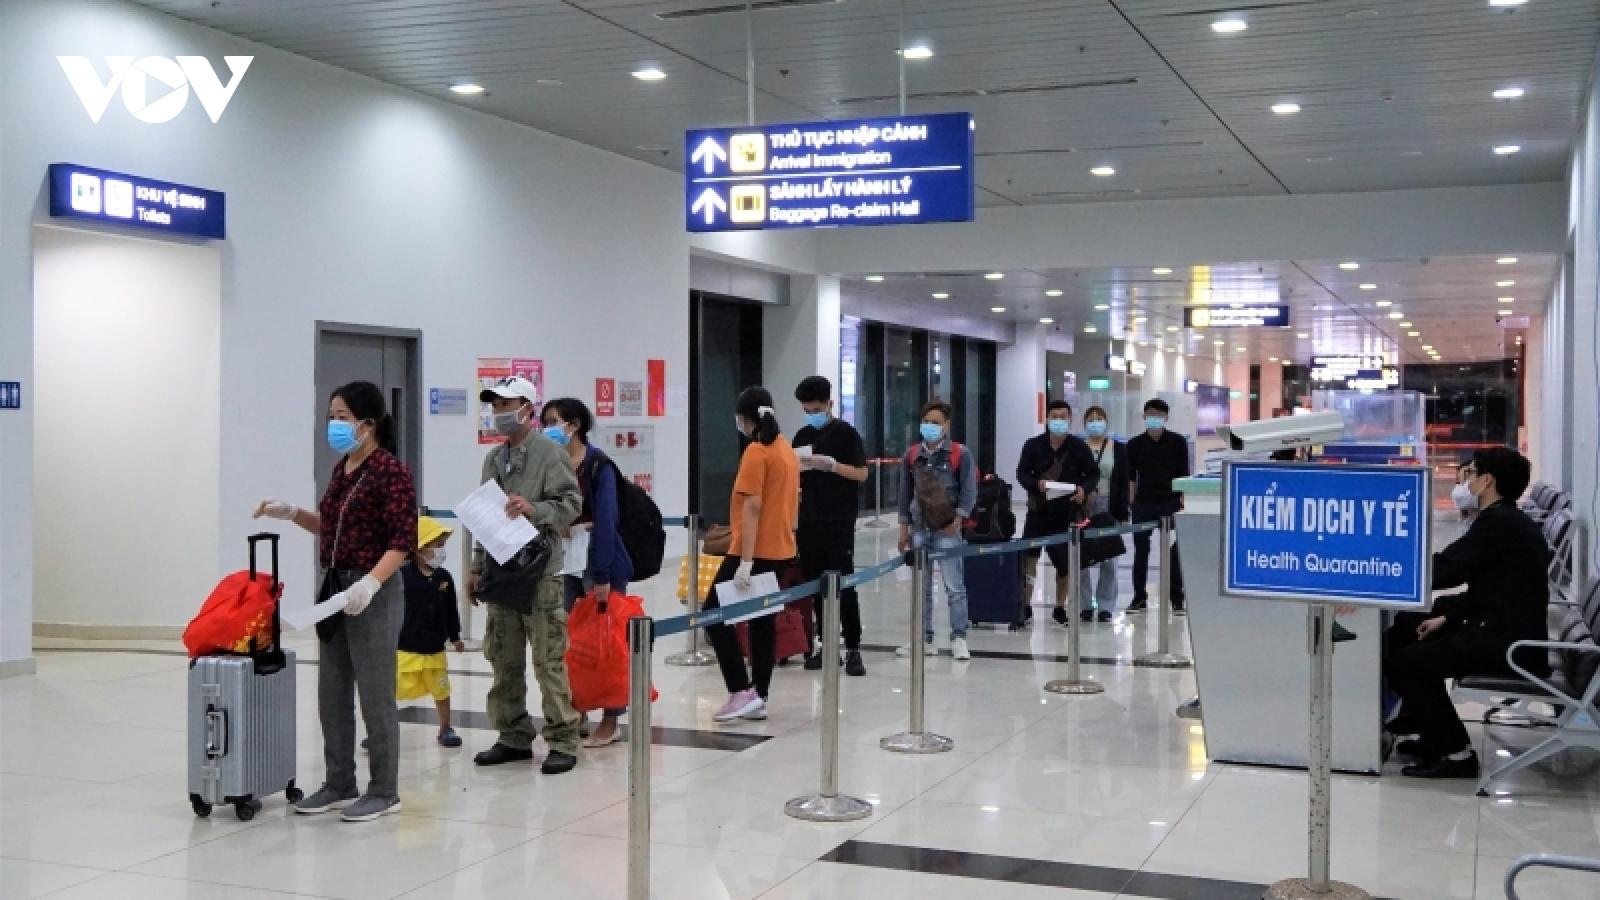 Hải Phòng bỏ quy định hành khách bay về từ TP.HCM phải cách ly tập trung